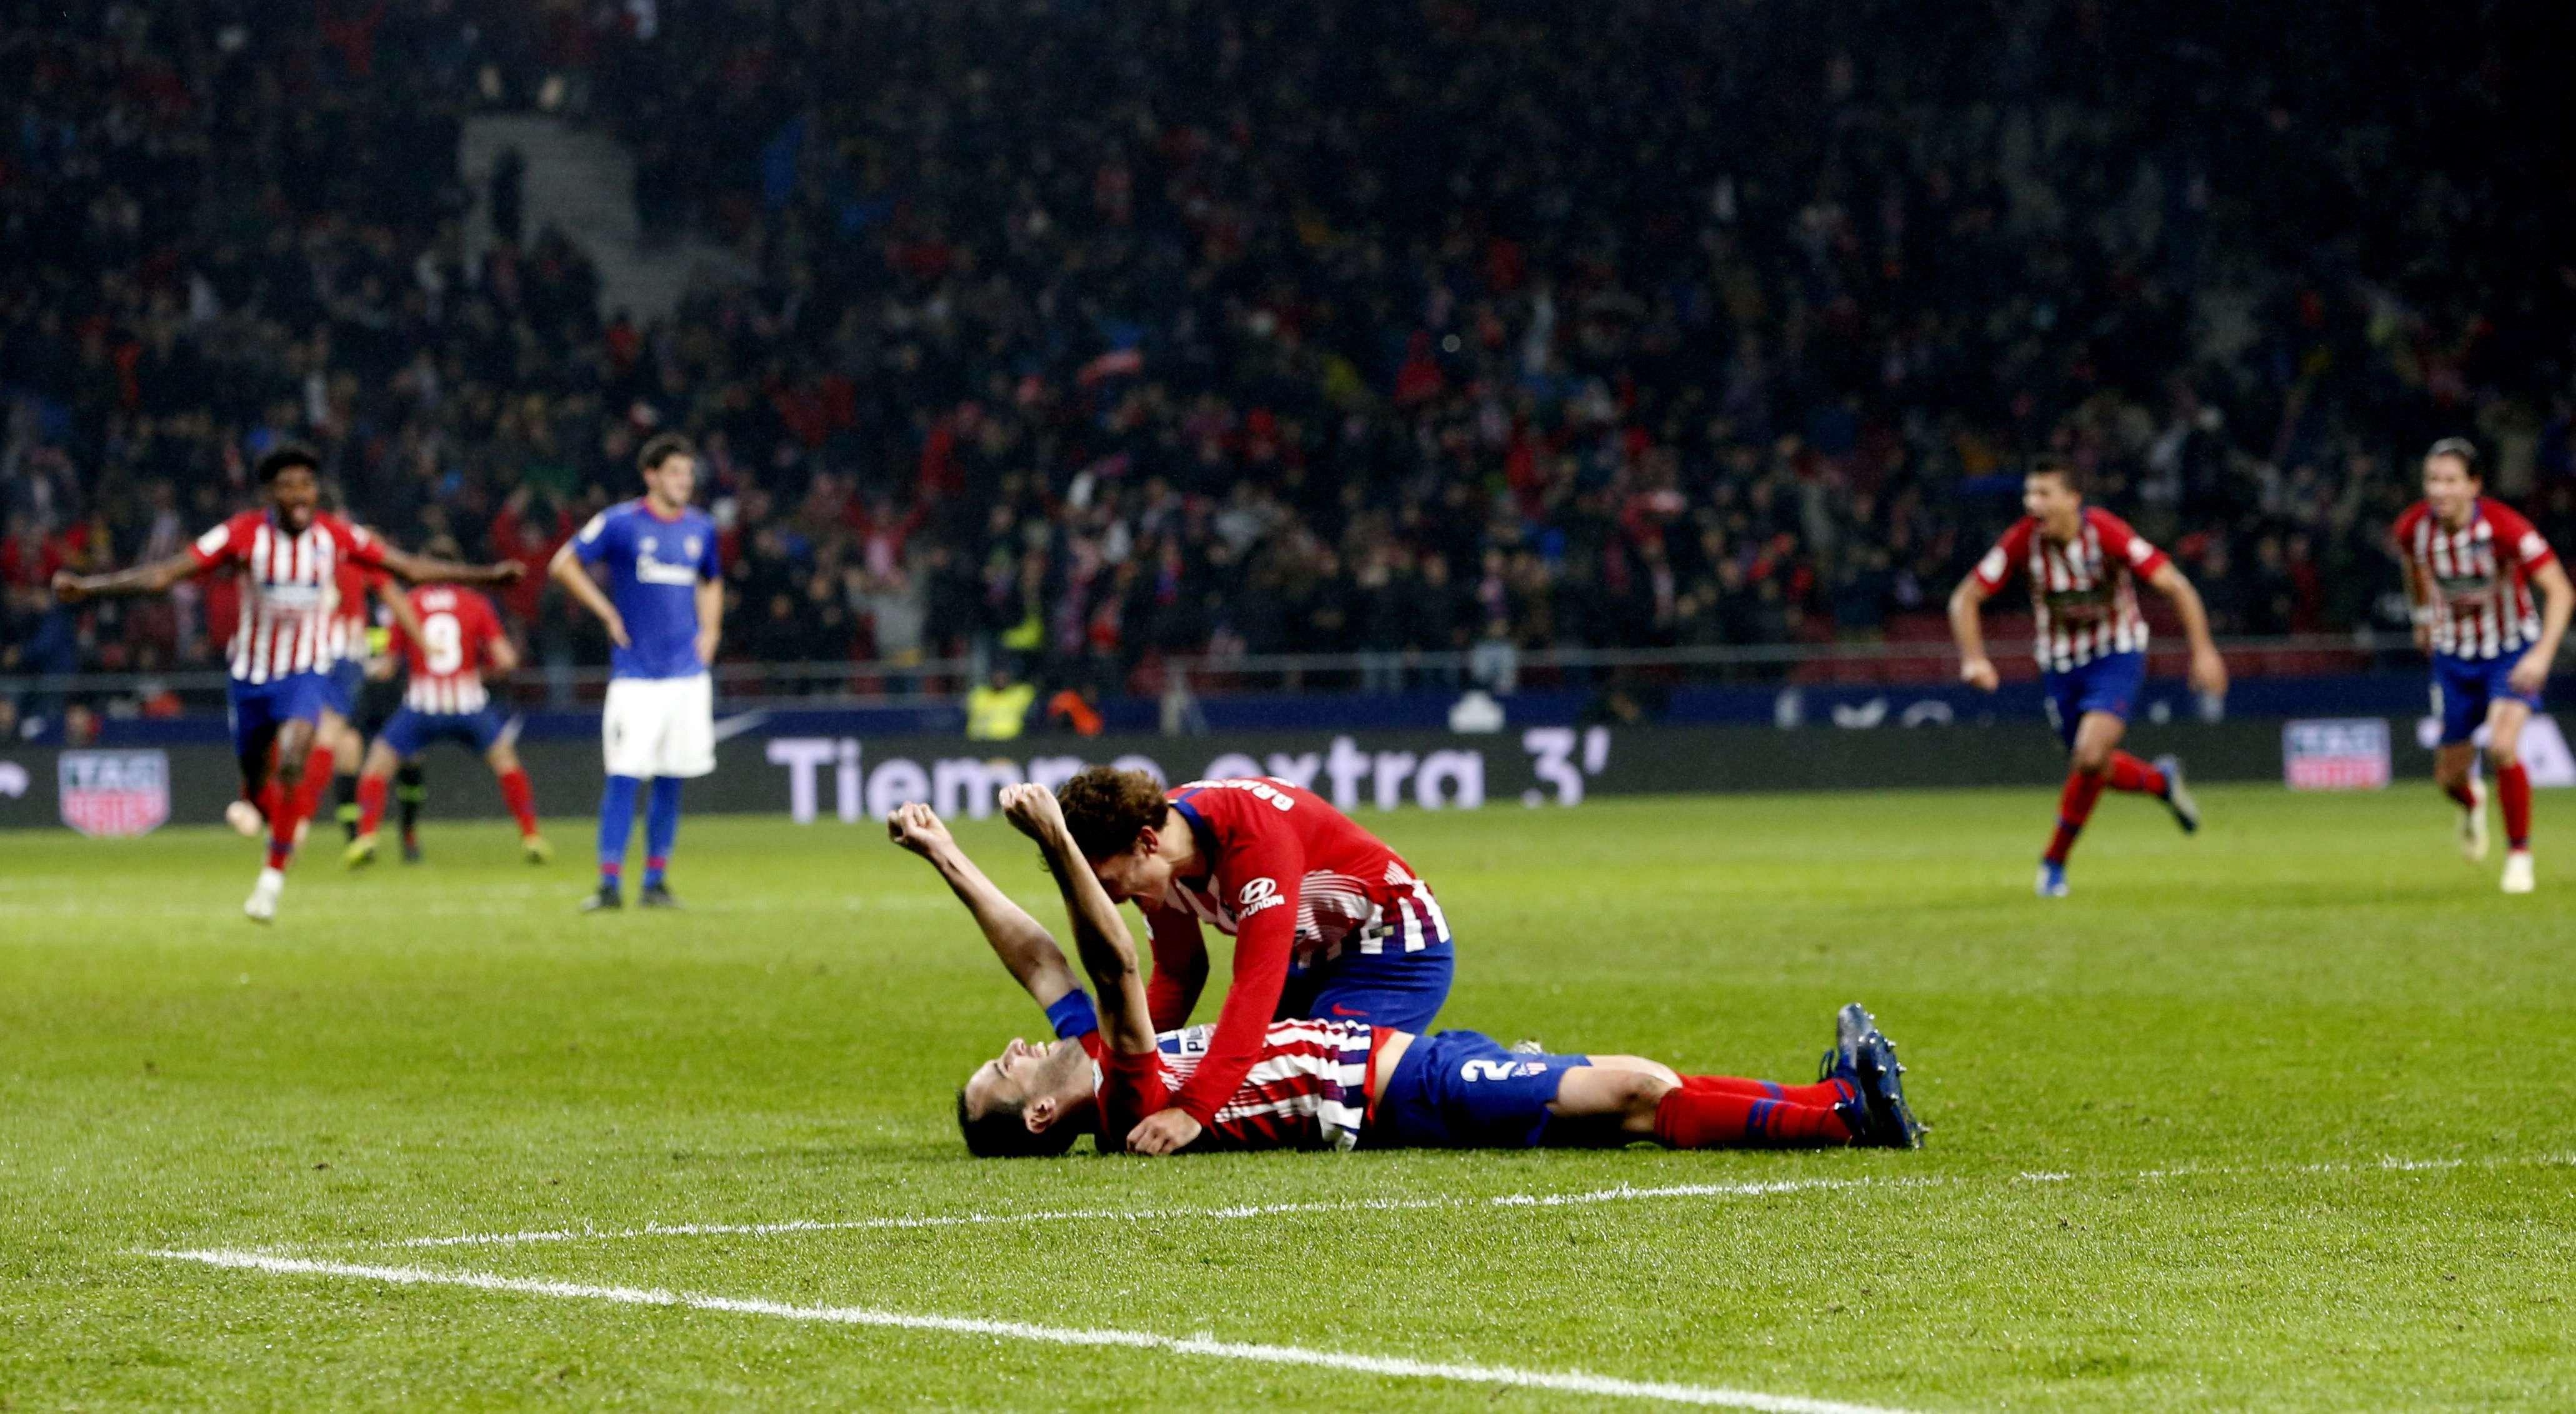 Diego Godín festeja tirado sobre el césped su gol. /Efe